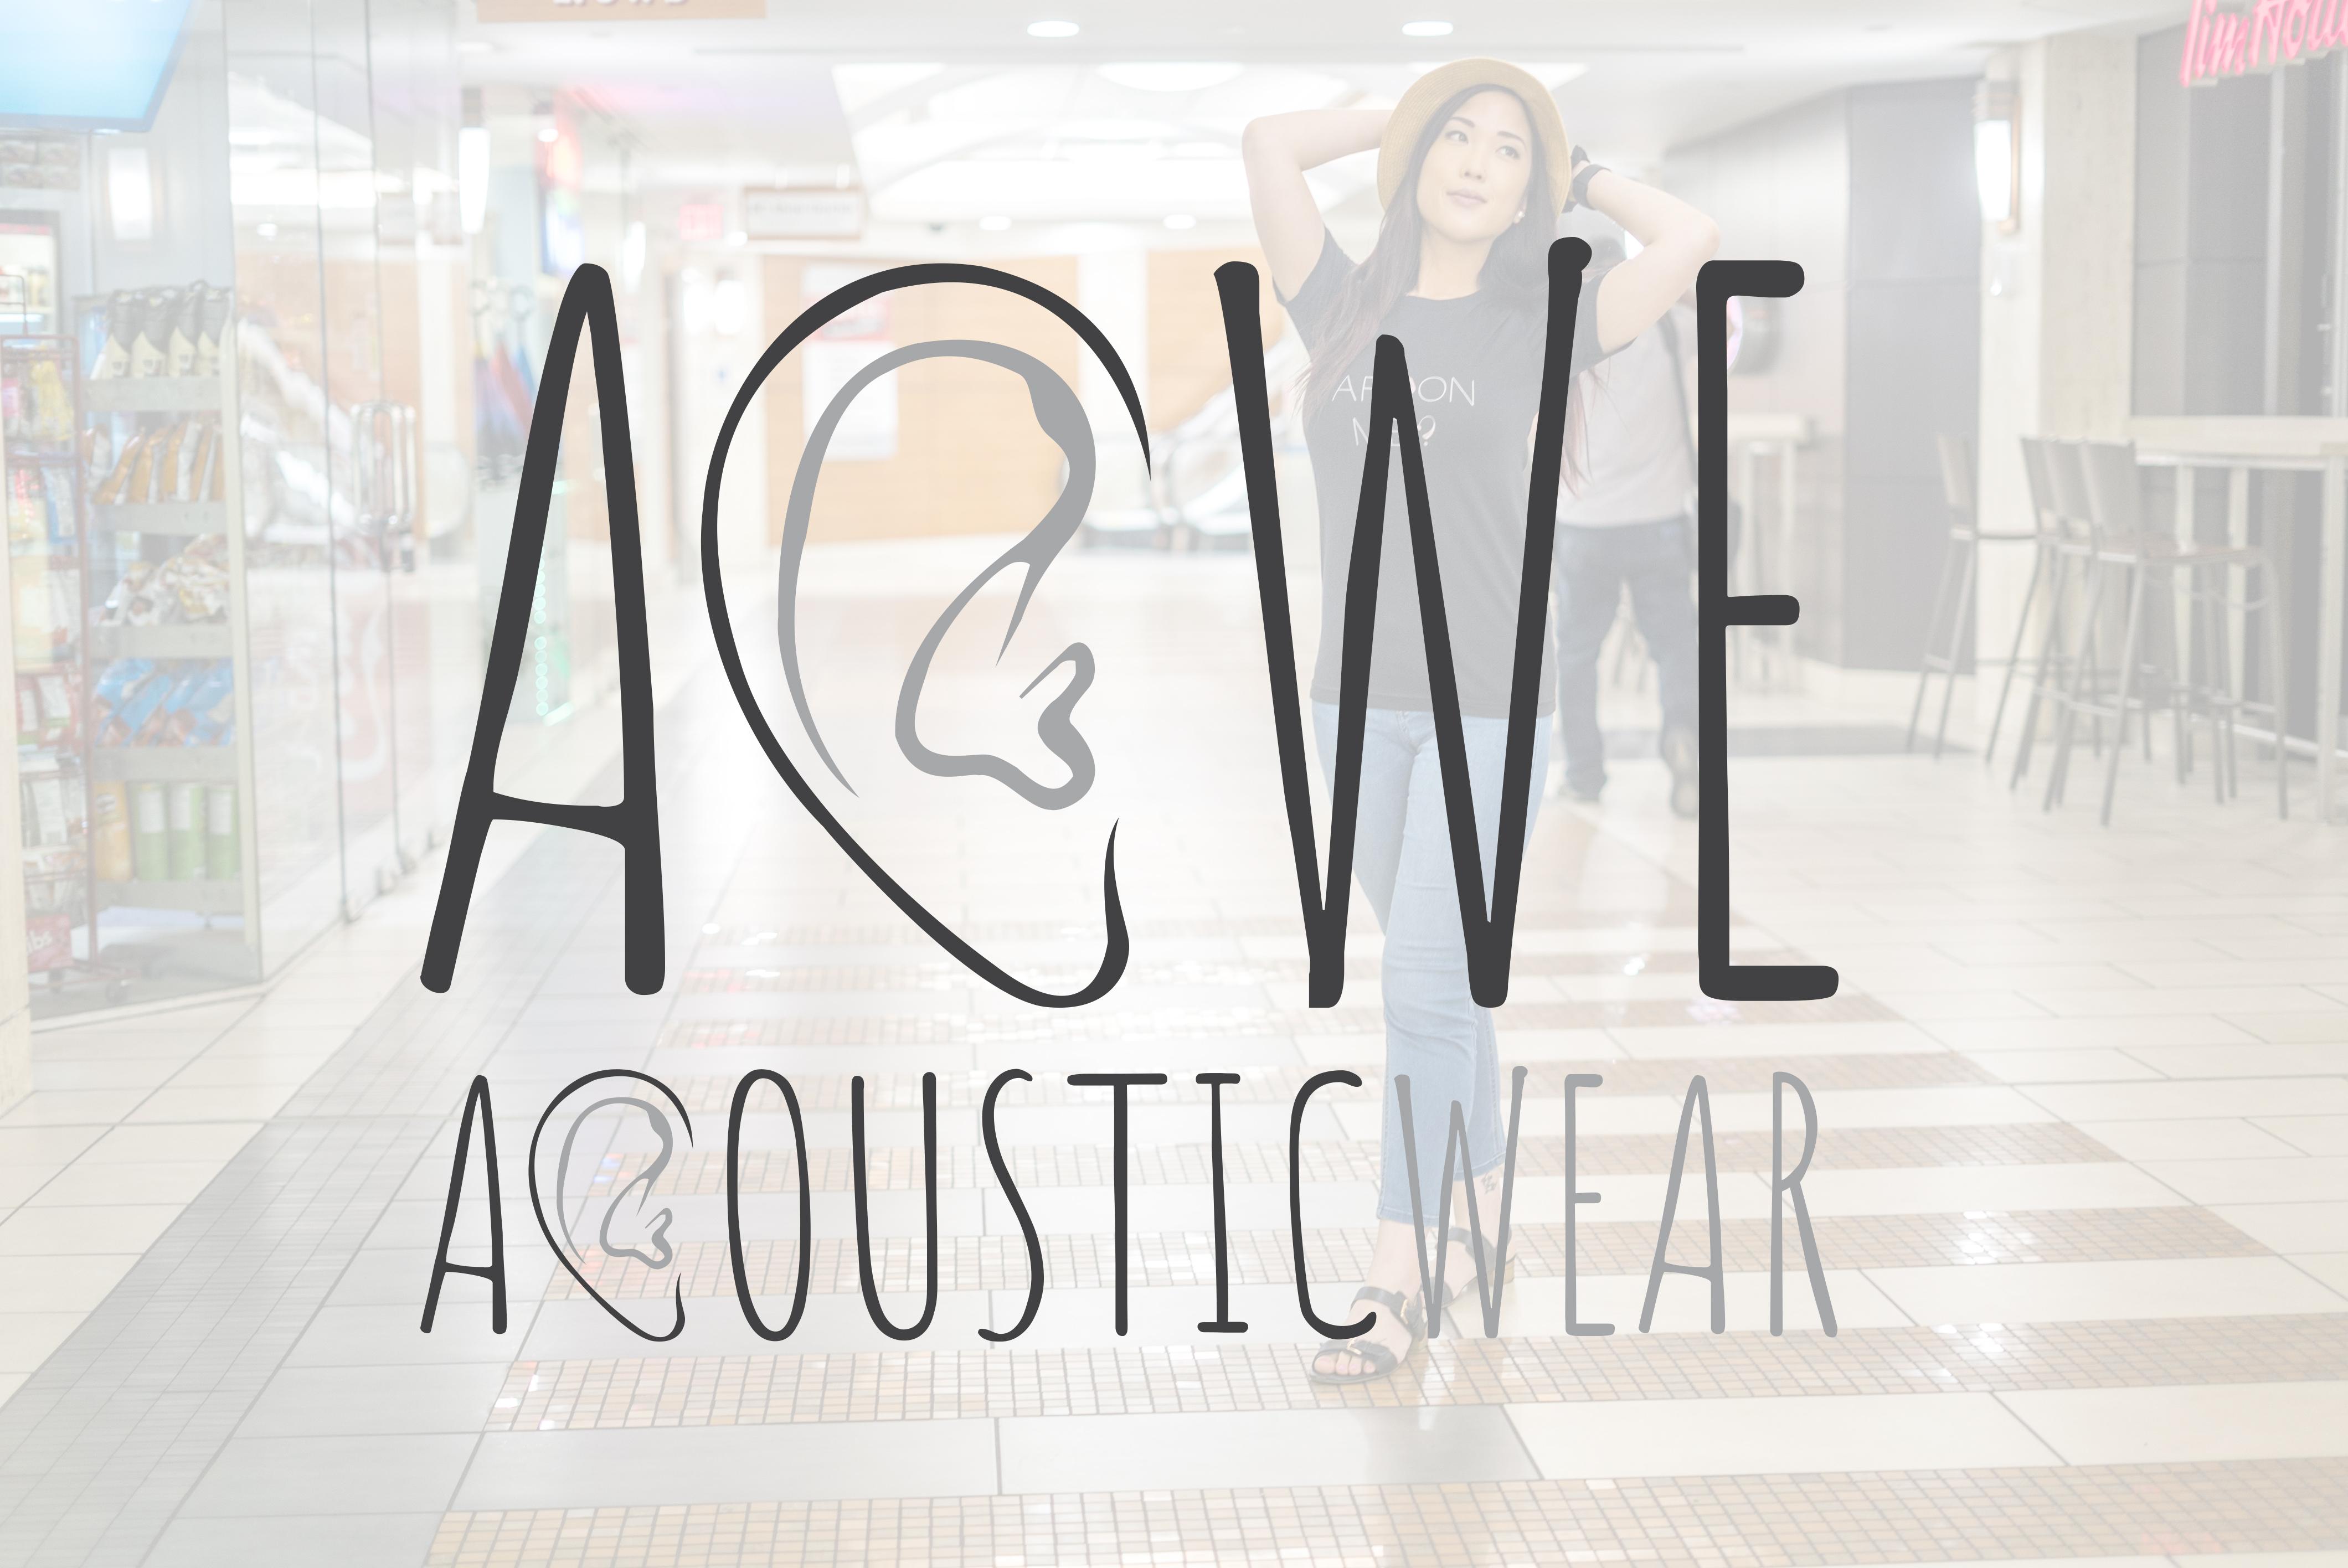 Acousticwear